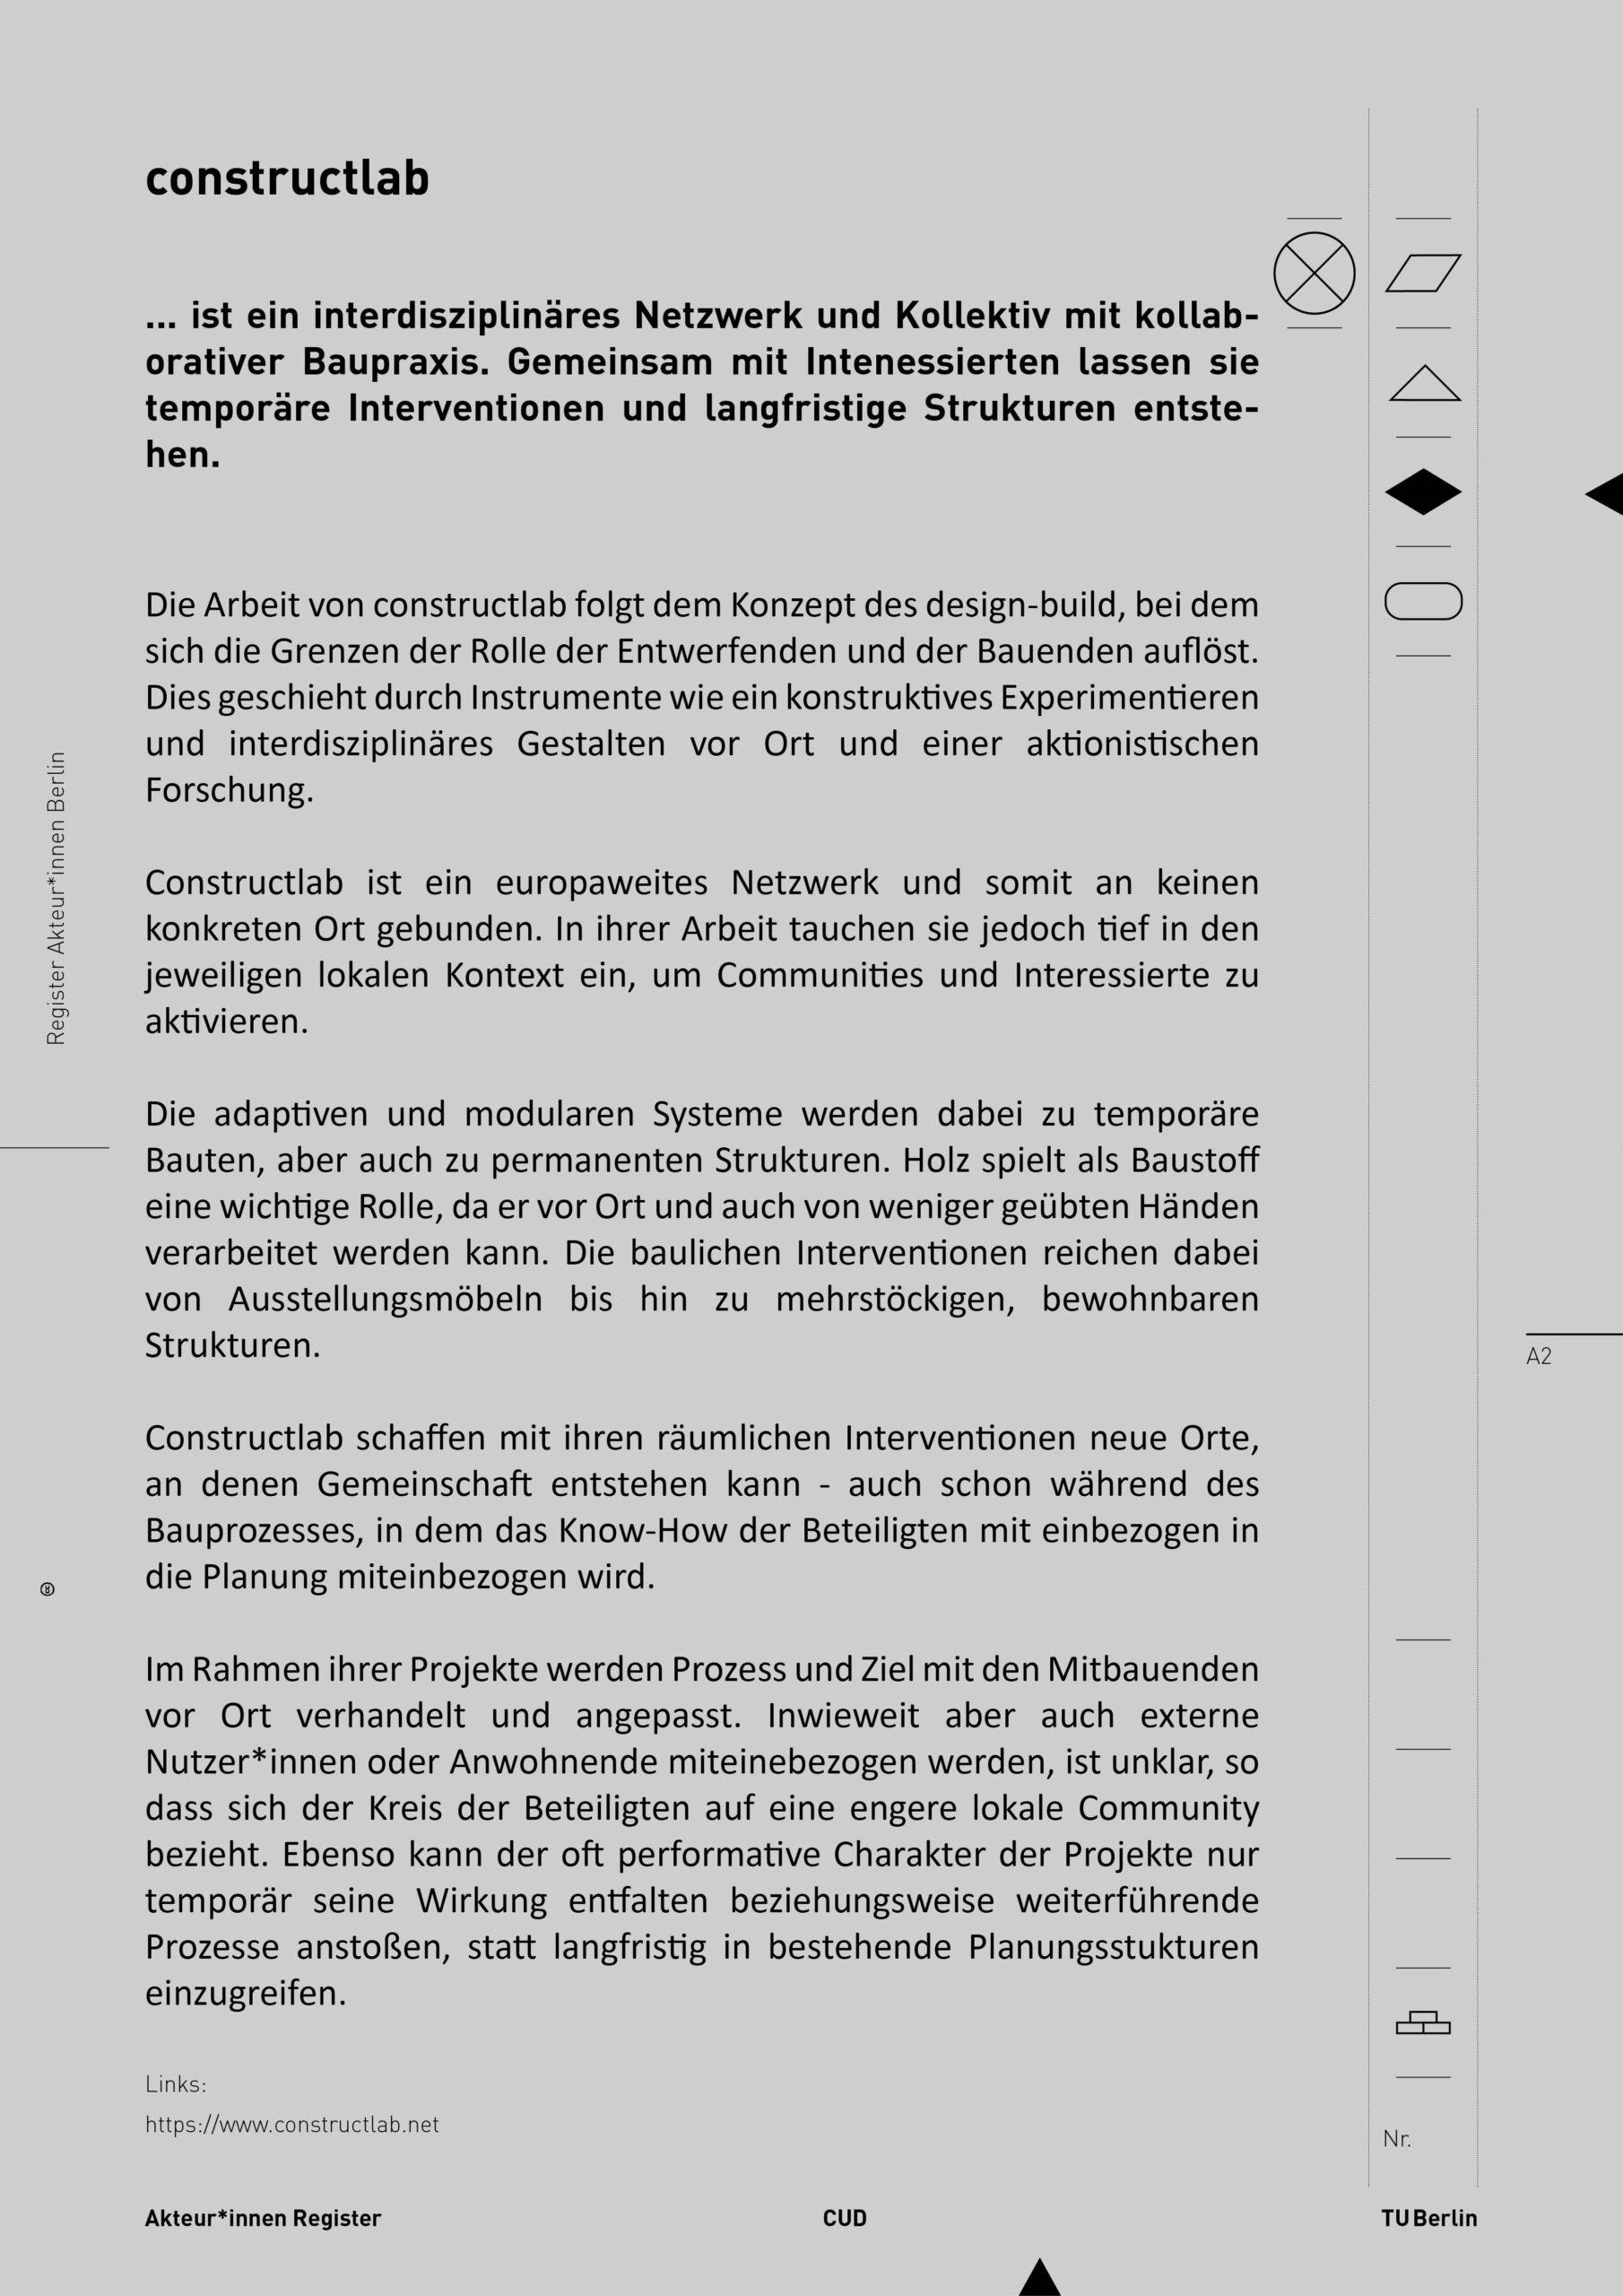 2021-05-17_AkteurInnen_Register_4